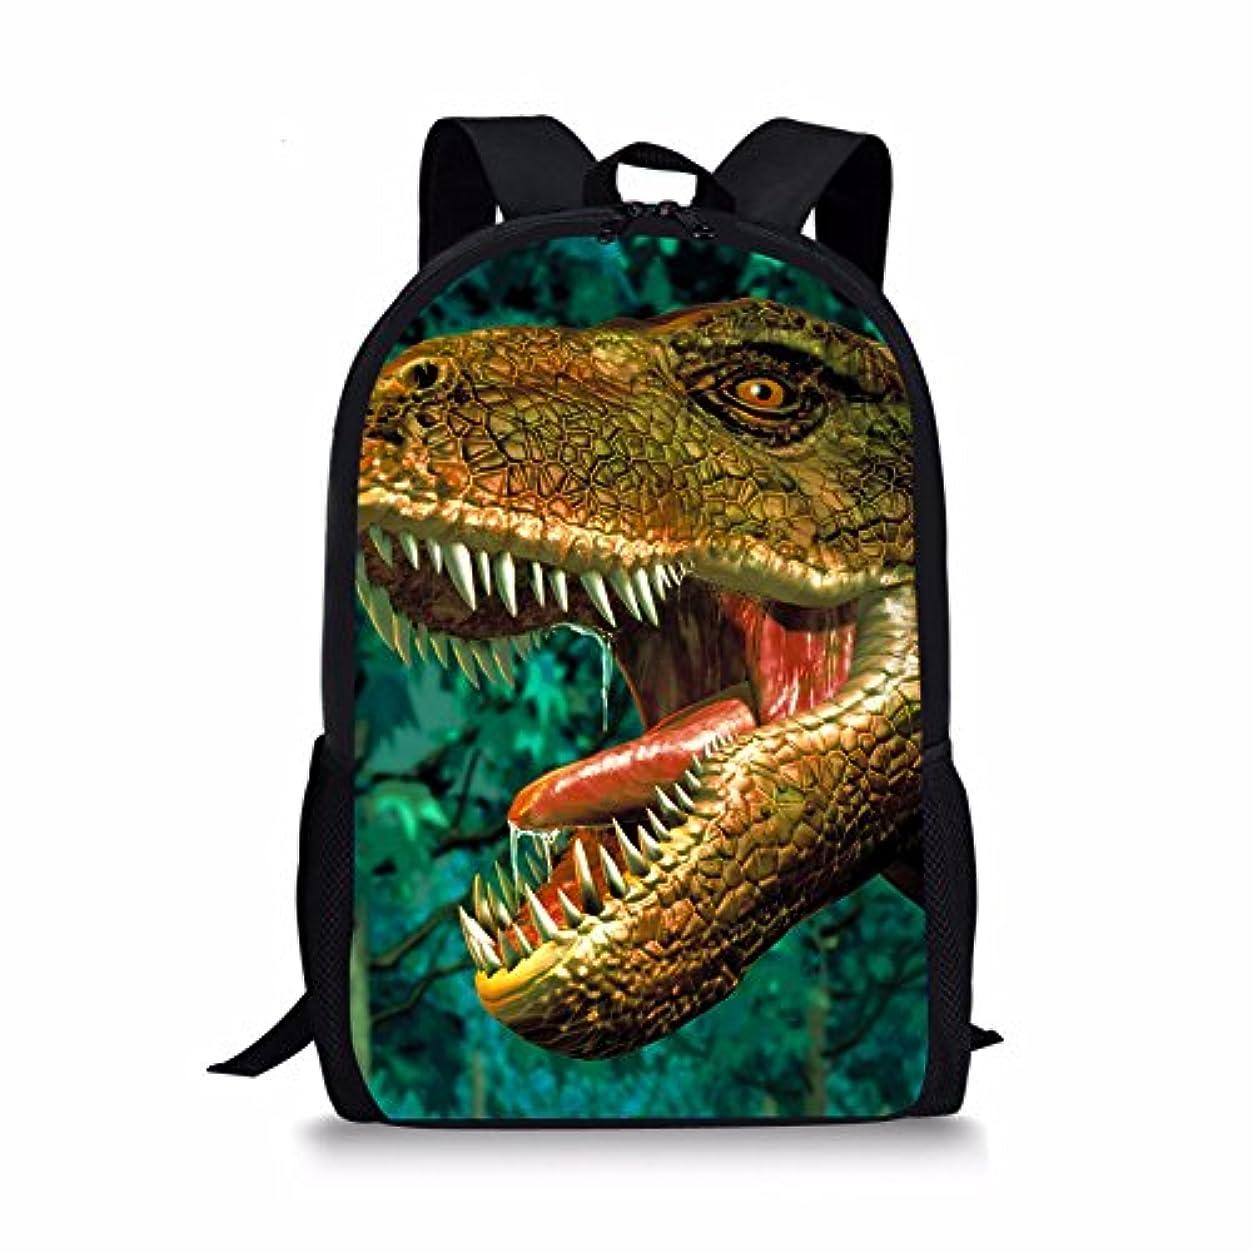 トランスペアレント急勾配の辛いThiKin リュック キッズ 人気 可愛い 恐竜 柄 大容量 ポリエステル バックパック 多機能 軽量 A4サイズ対応 旅行 高校生 通勤 通学デイパック プレゼント